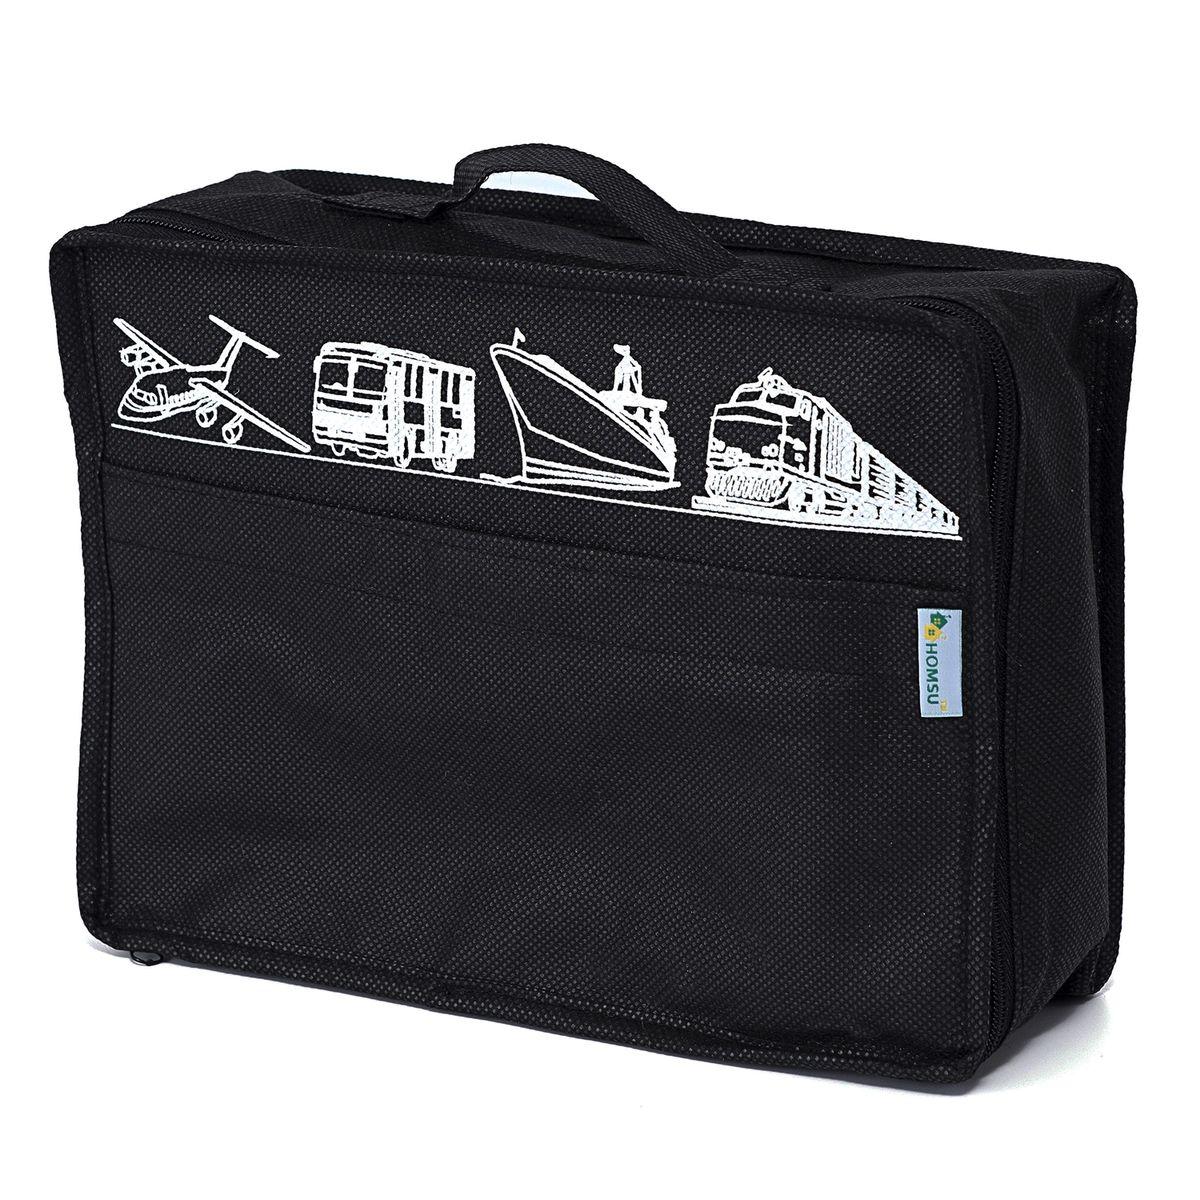 Сумка для багажа Homsu Men in Black, 28 х 20 х 9 смCLP446Вместе с оригинальным современным дизайном такая сумка для багажа принесёт также очень существенную практическую пользу в любом путешествии. Благодаря ей,вы сможете распределить все вещи, которые возьмёте с собой таким образом, что всегда иметь быстрый доступ к ним, и при этом надёжно защитить от пыли, грязи, влажности или механических повреждений. Размер изделия:28x20x9см.